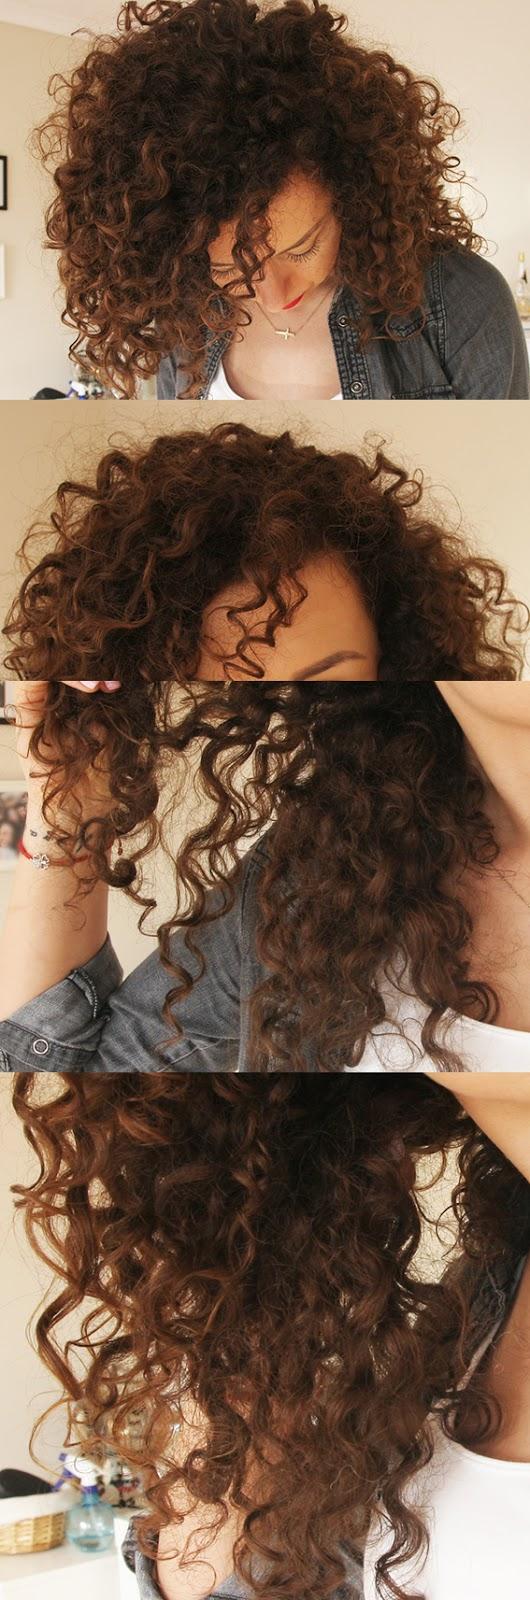 Kardashian Beauty Twirl Me, krem do włosów kręconych